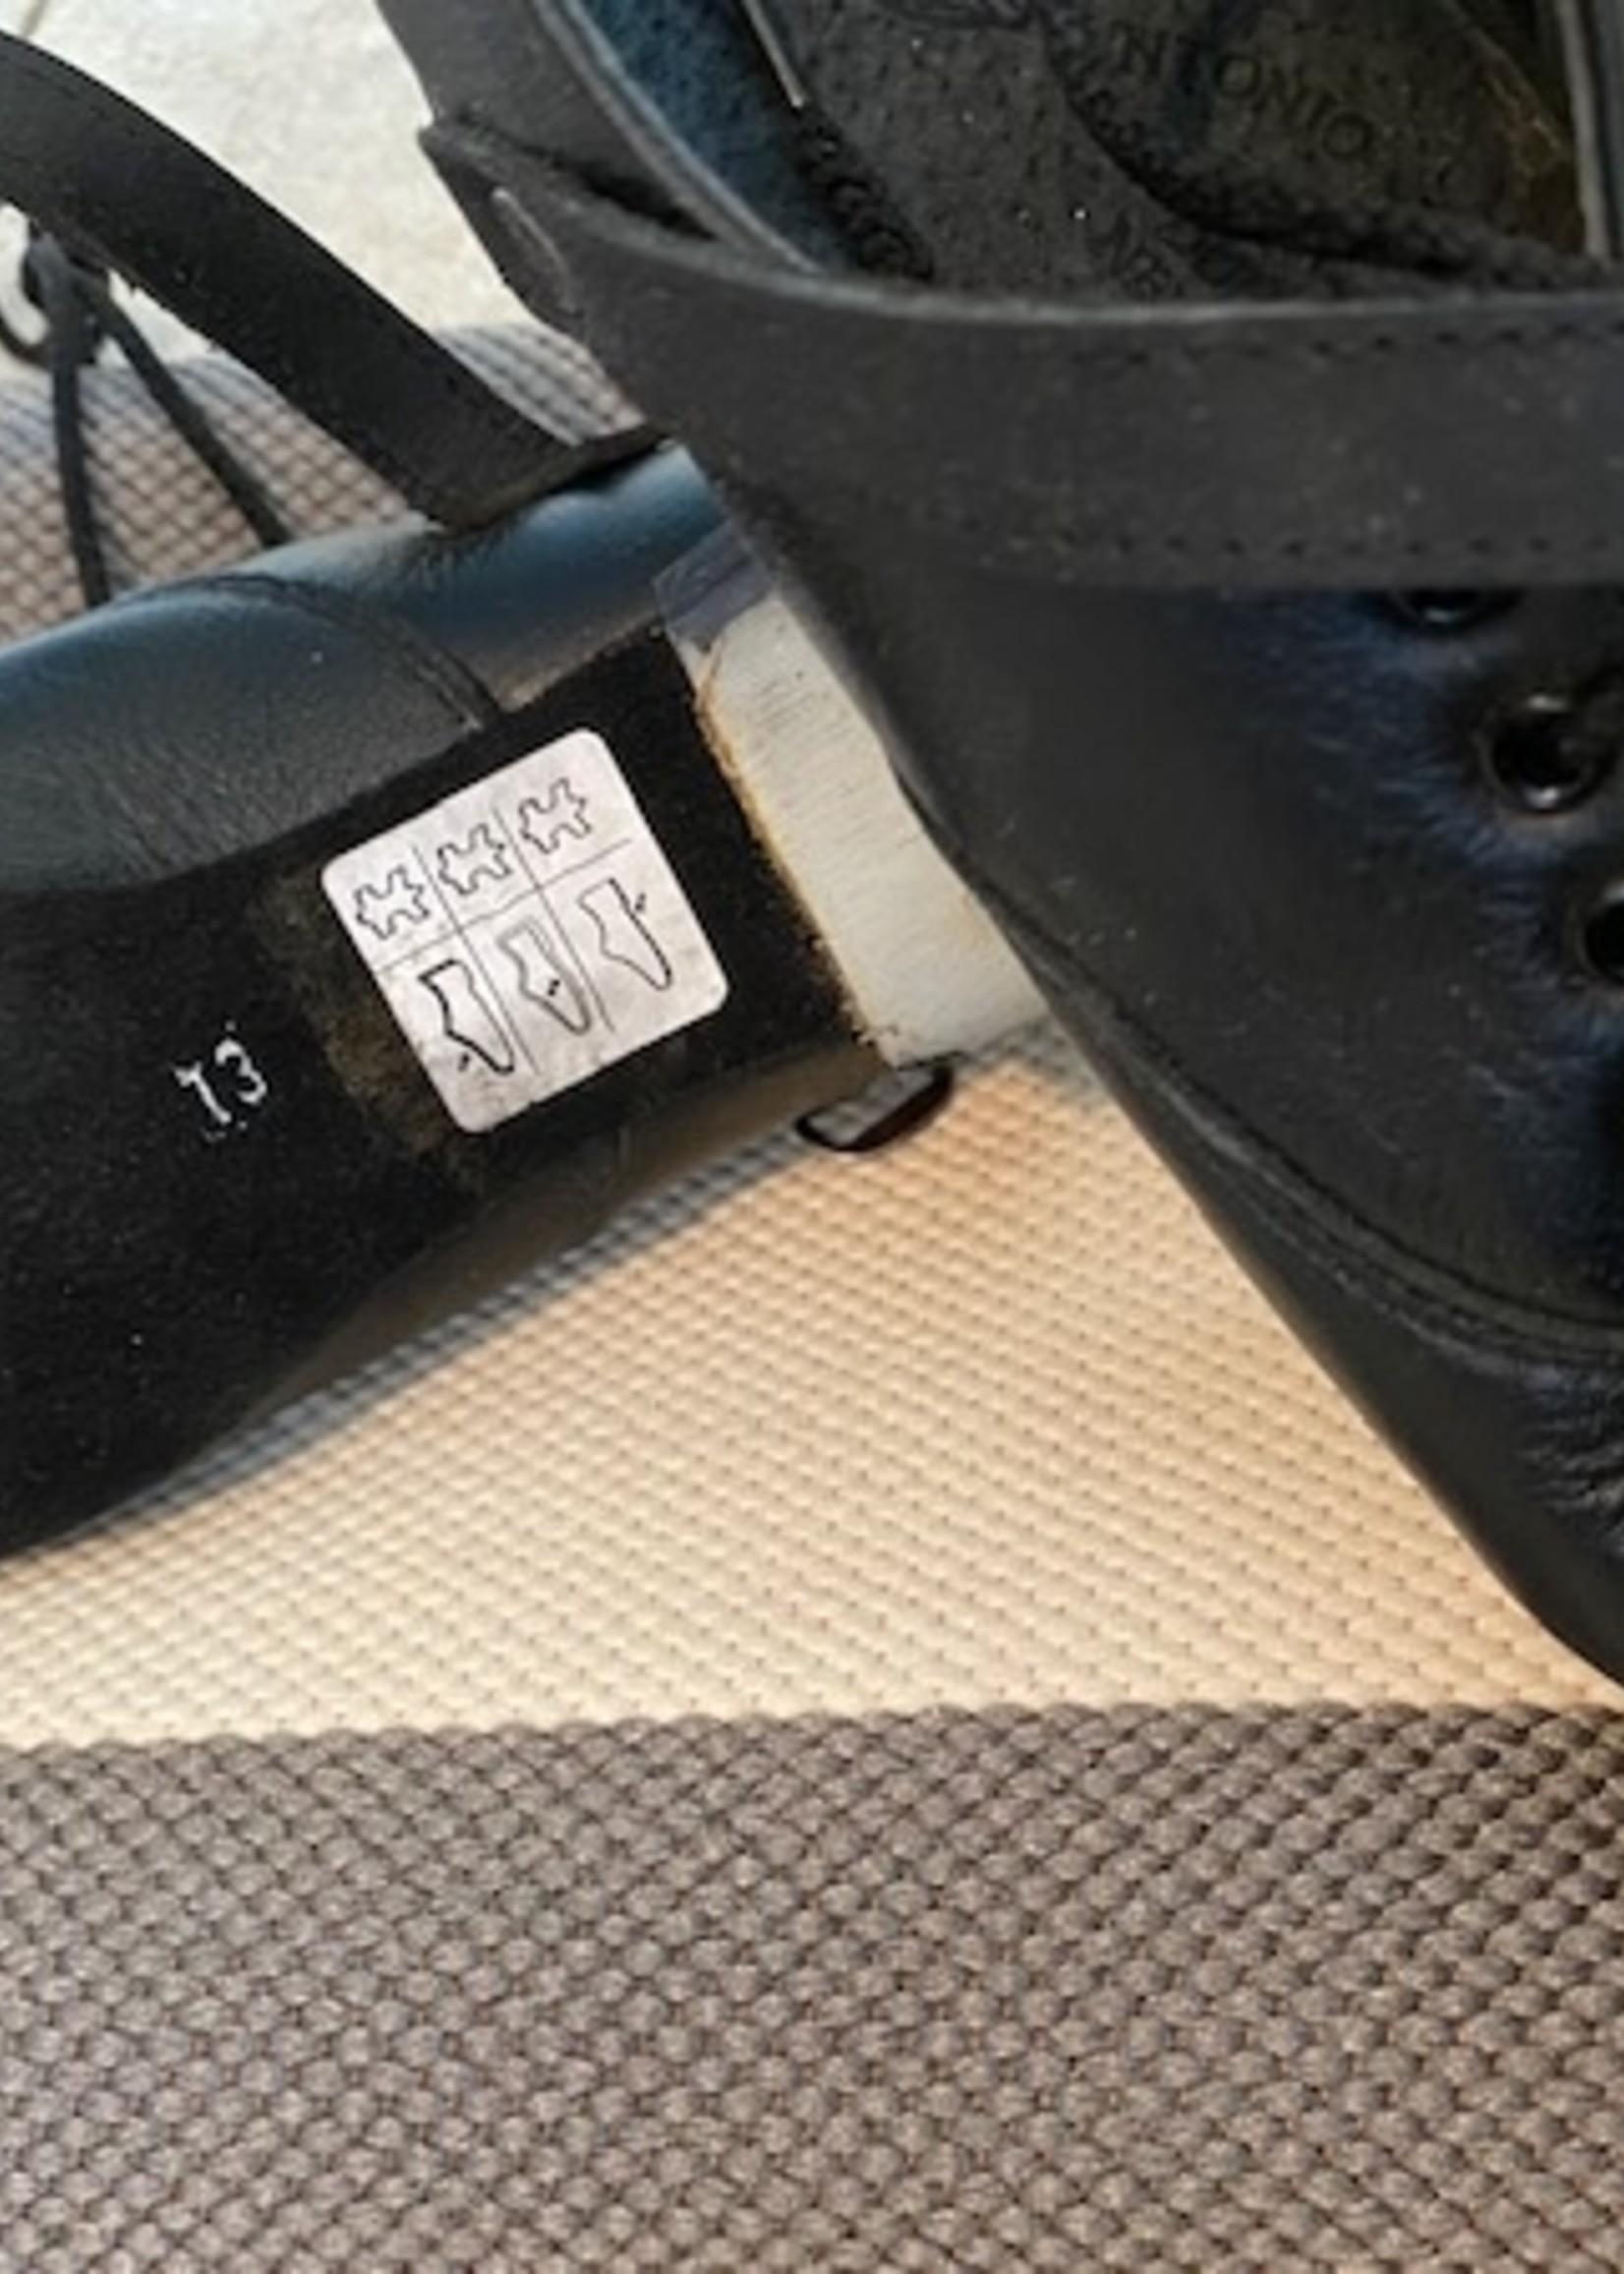 Utra Flexi jig shoe WIde - Concorde Tip & heel size 8.5